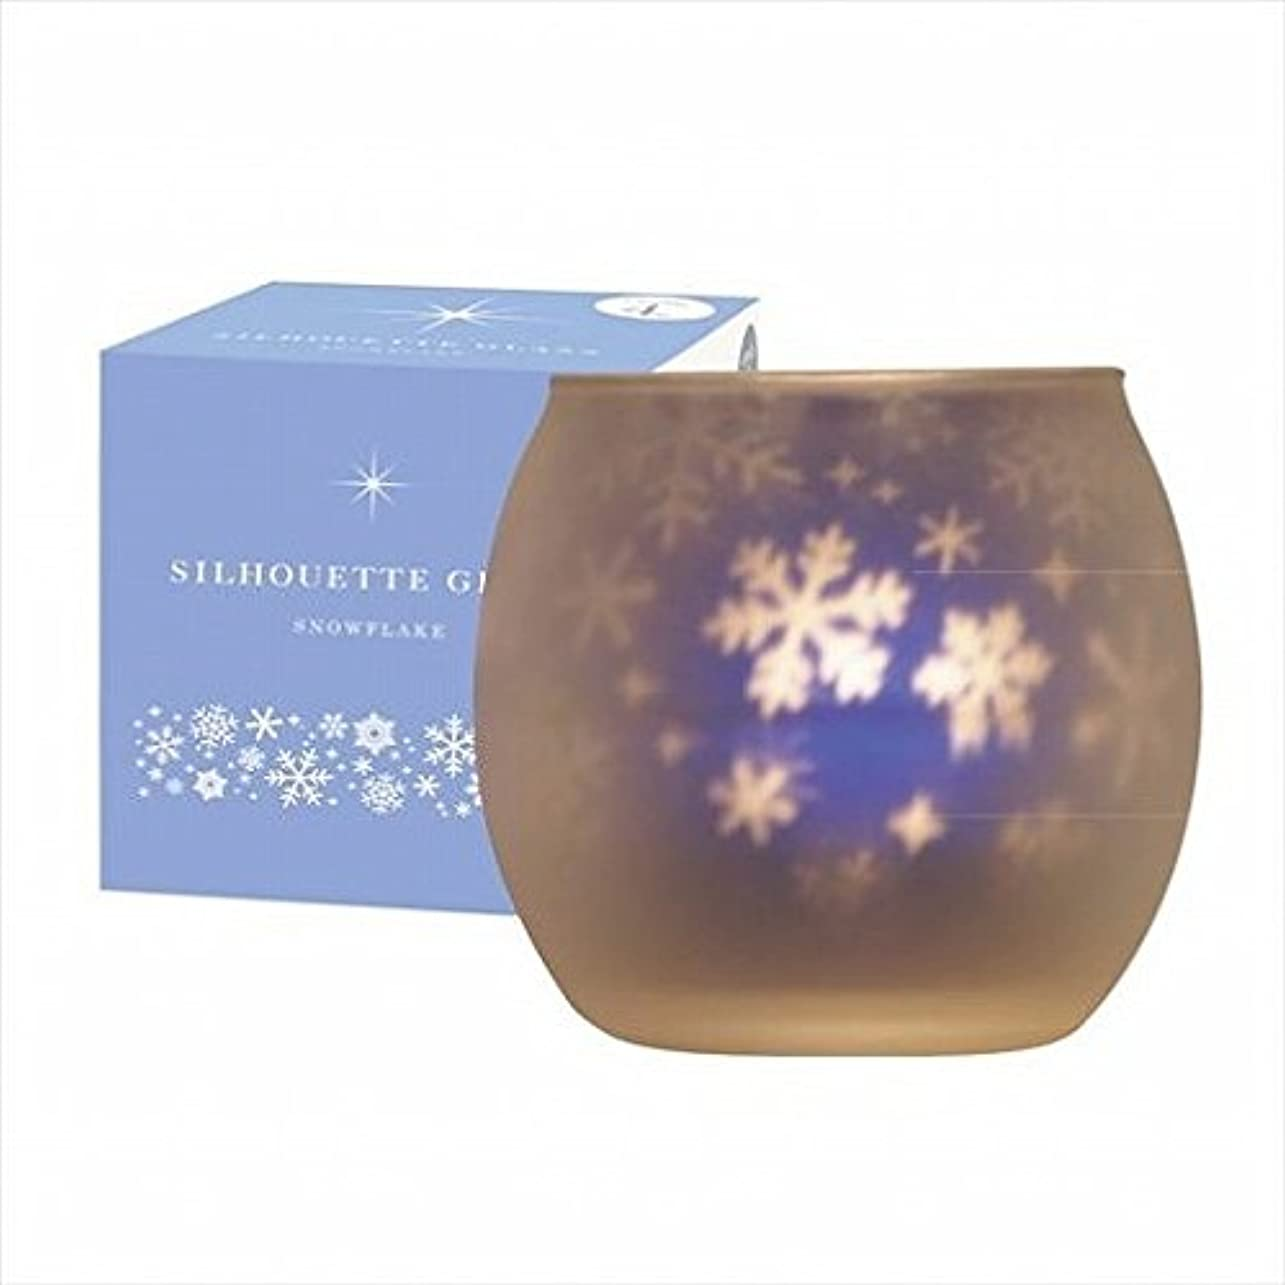 死んでいる公平な寸前kameyama candle(カメヤマキャンドル) スノーフレークシルエットグラス【キャンドル4個付き】(J1001022)